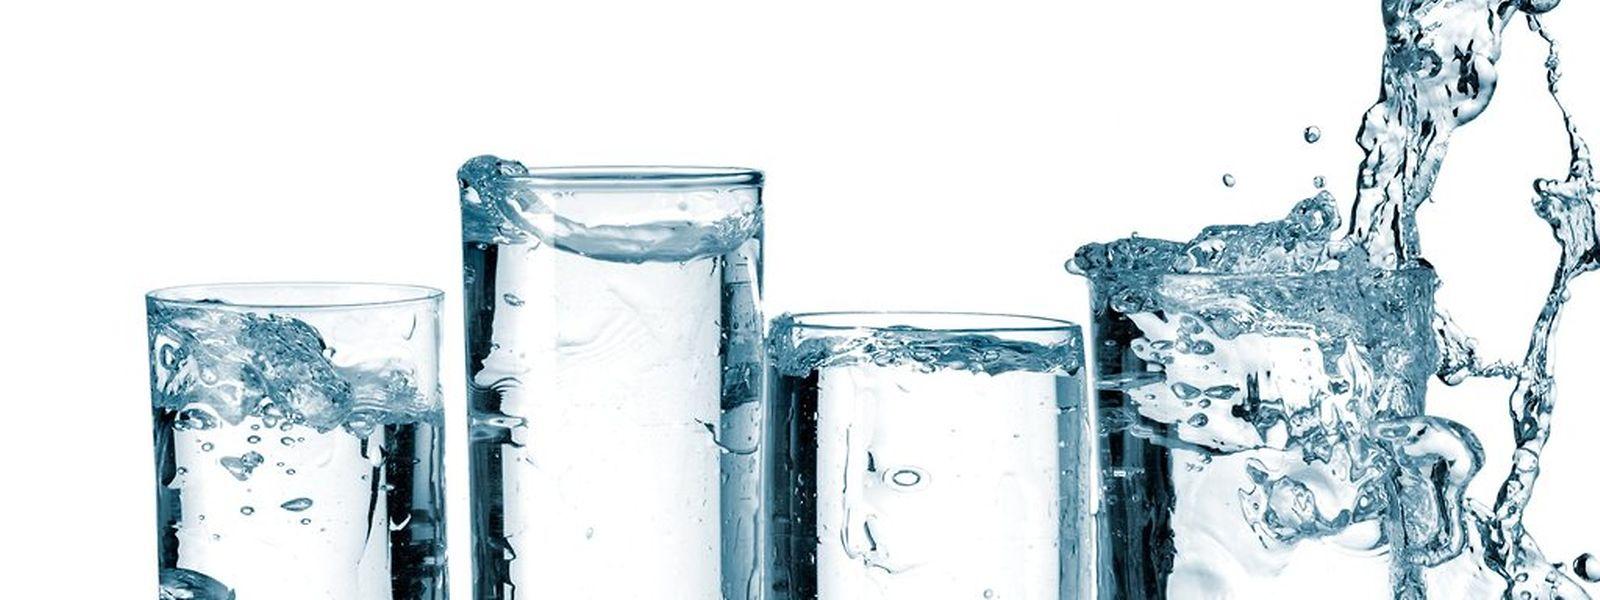 Bei der Trinkwasserversorgung wird es wegen Ersatzlösungen nicht zu Engpässen kommen.